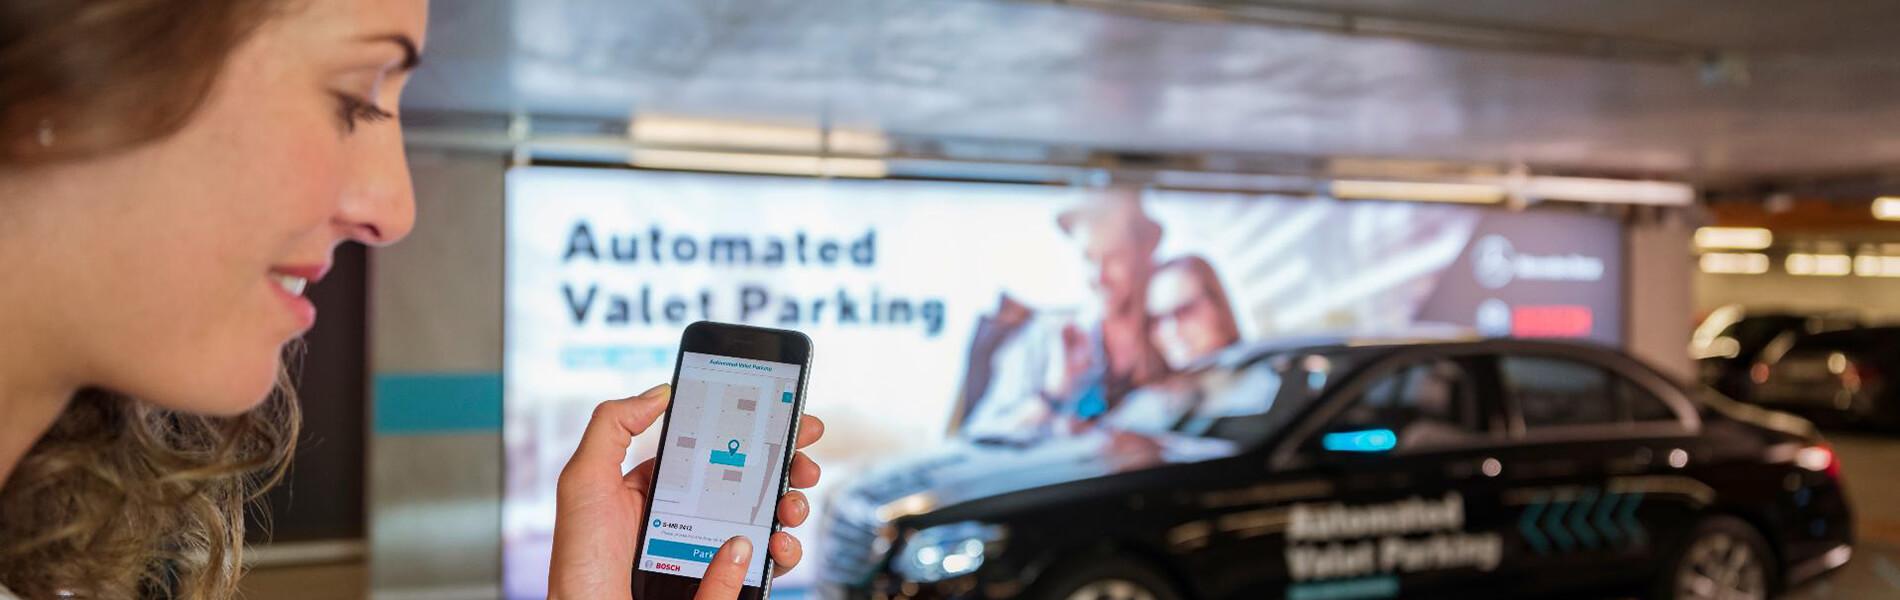 Automated Valet Parking – Im Parkhaus sucht sich das Auto selbst seine Parklücke